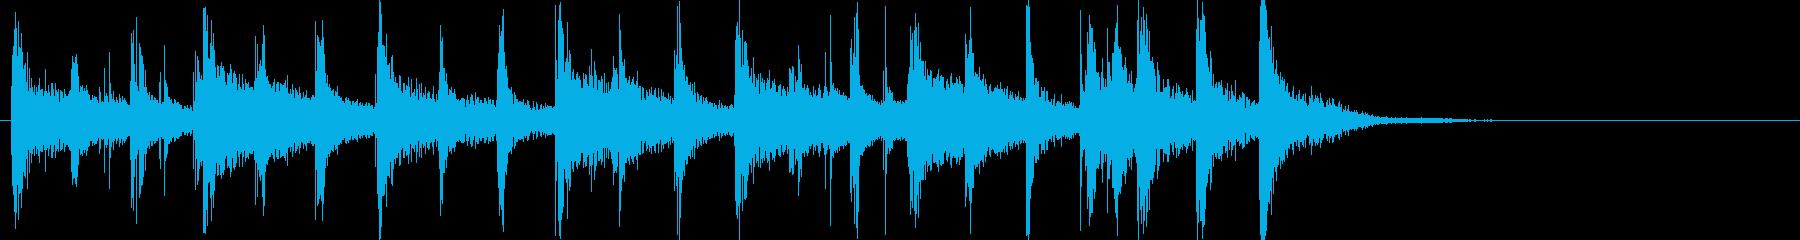 木琴メロディー:めちゃめちゃになっ...の再生済みの波形